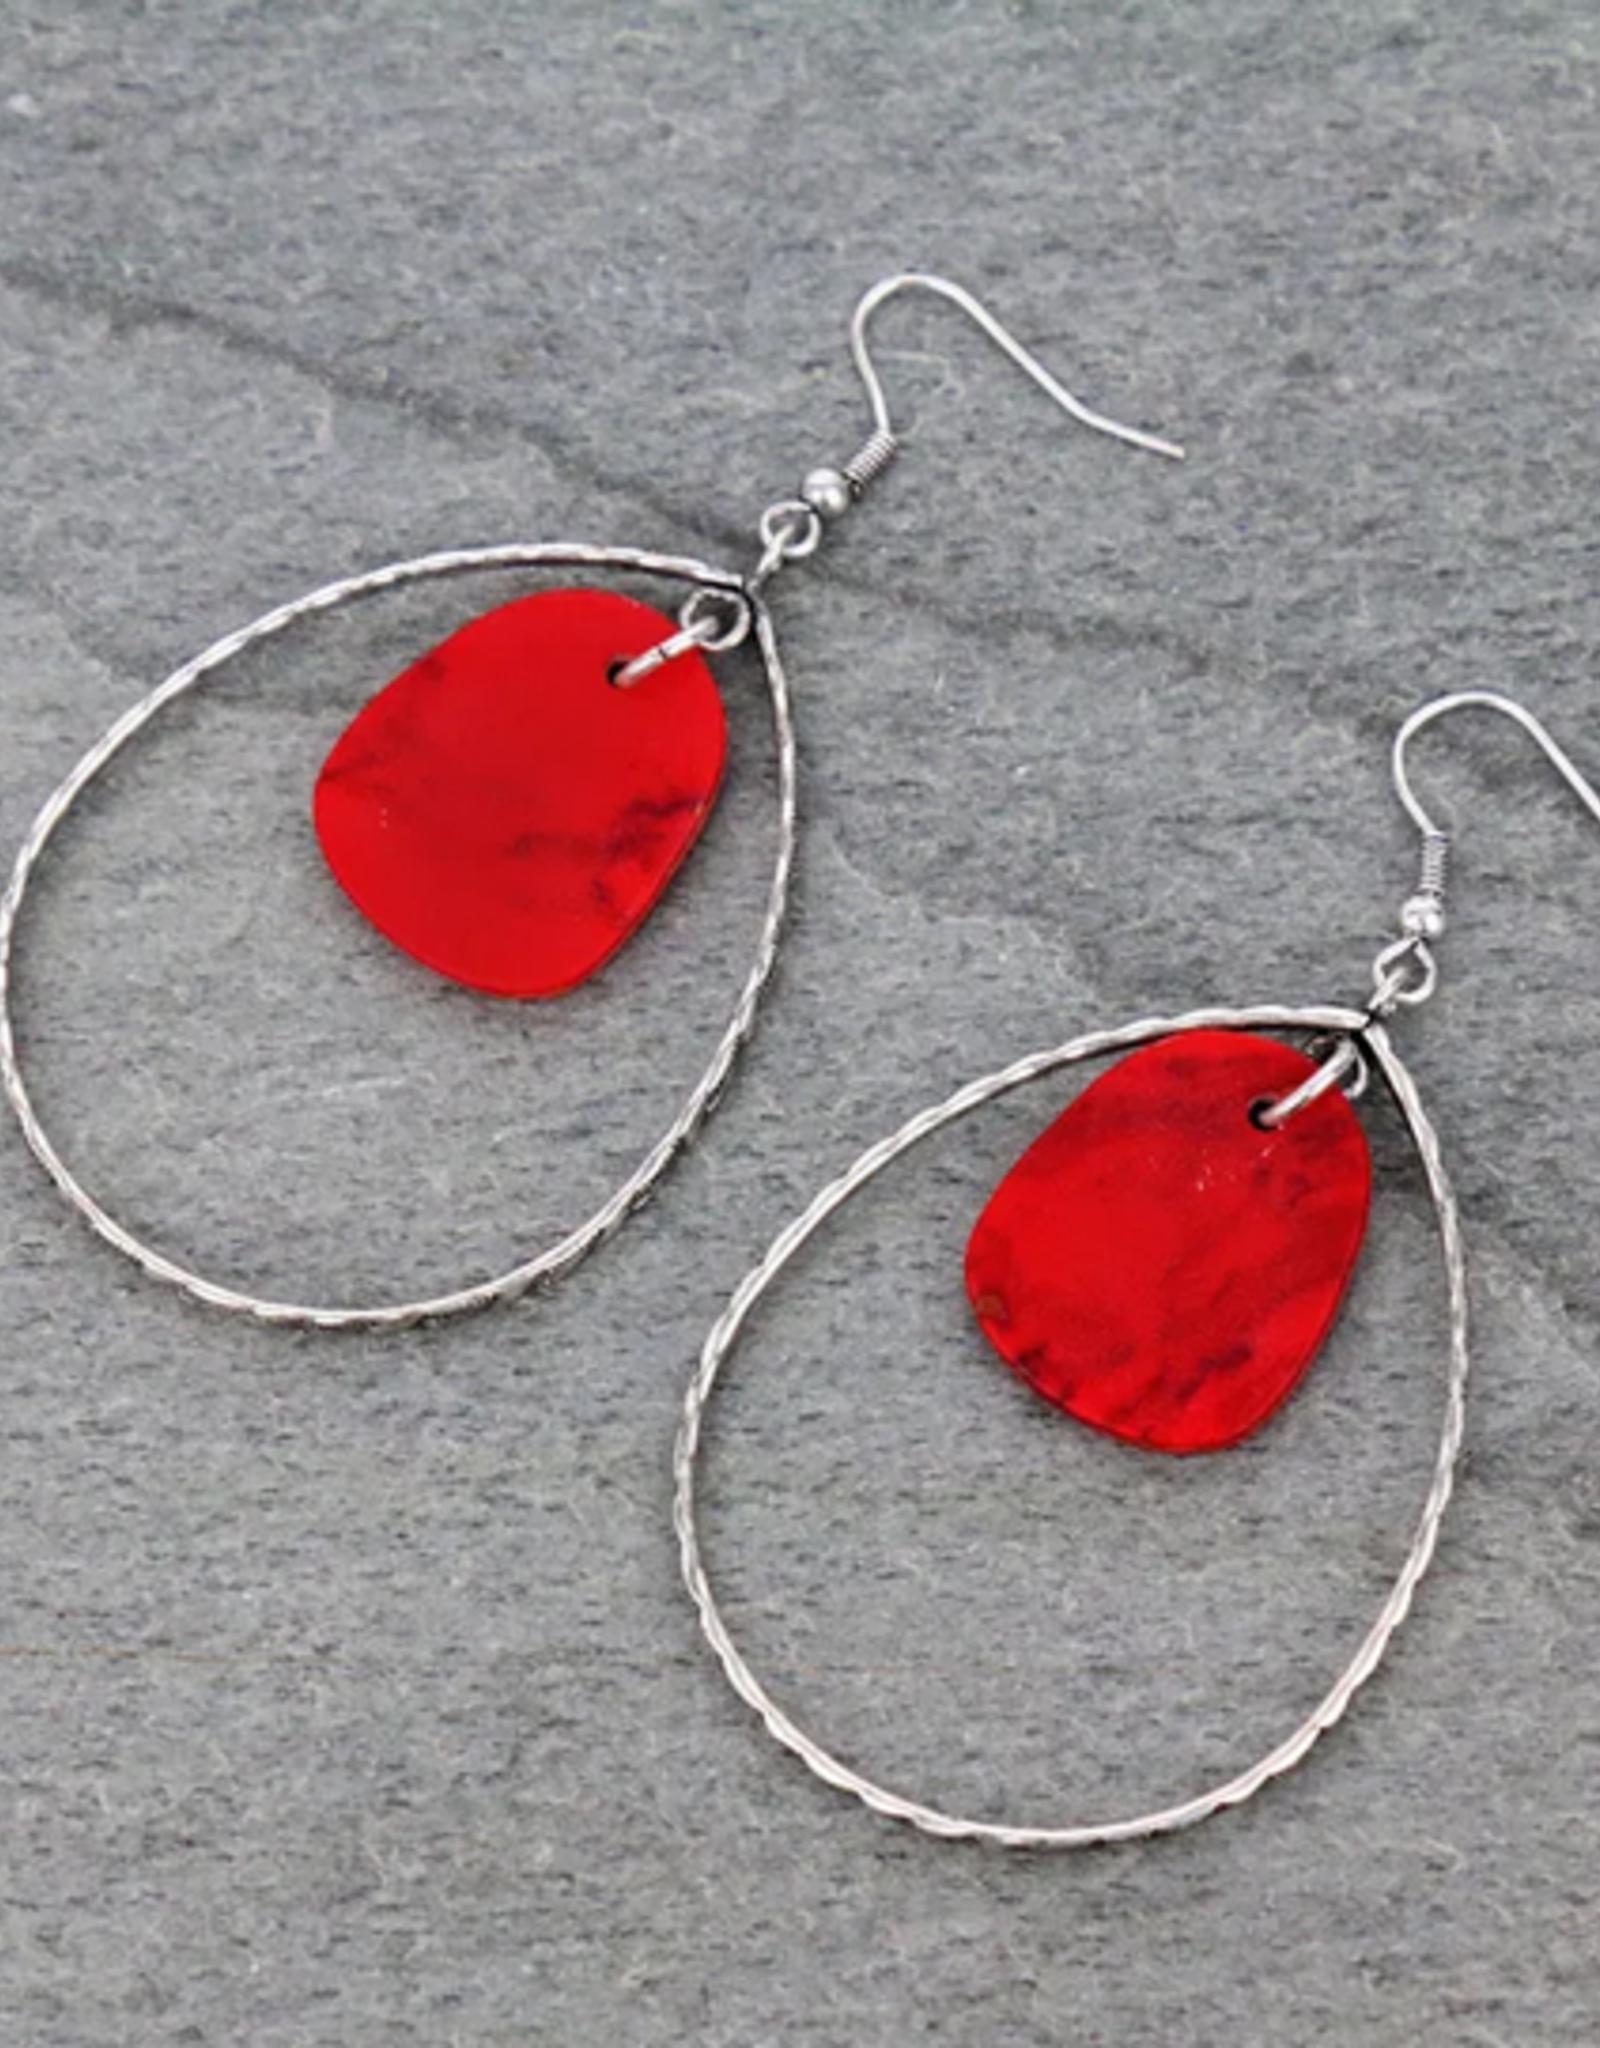 EARRINGS TEARDROP WITH RED STONE DANGLE